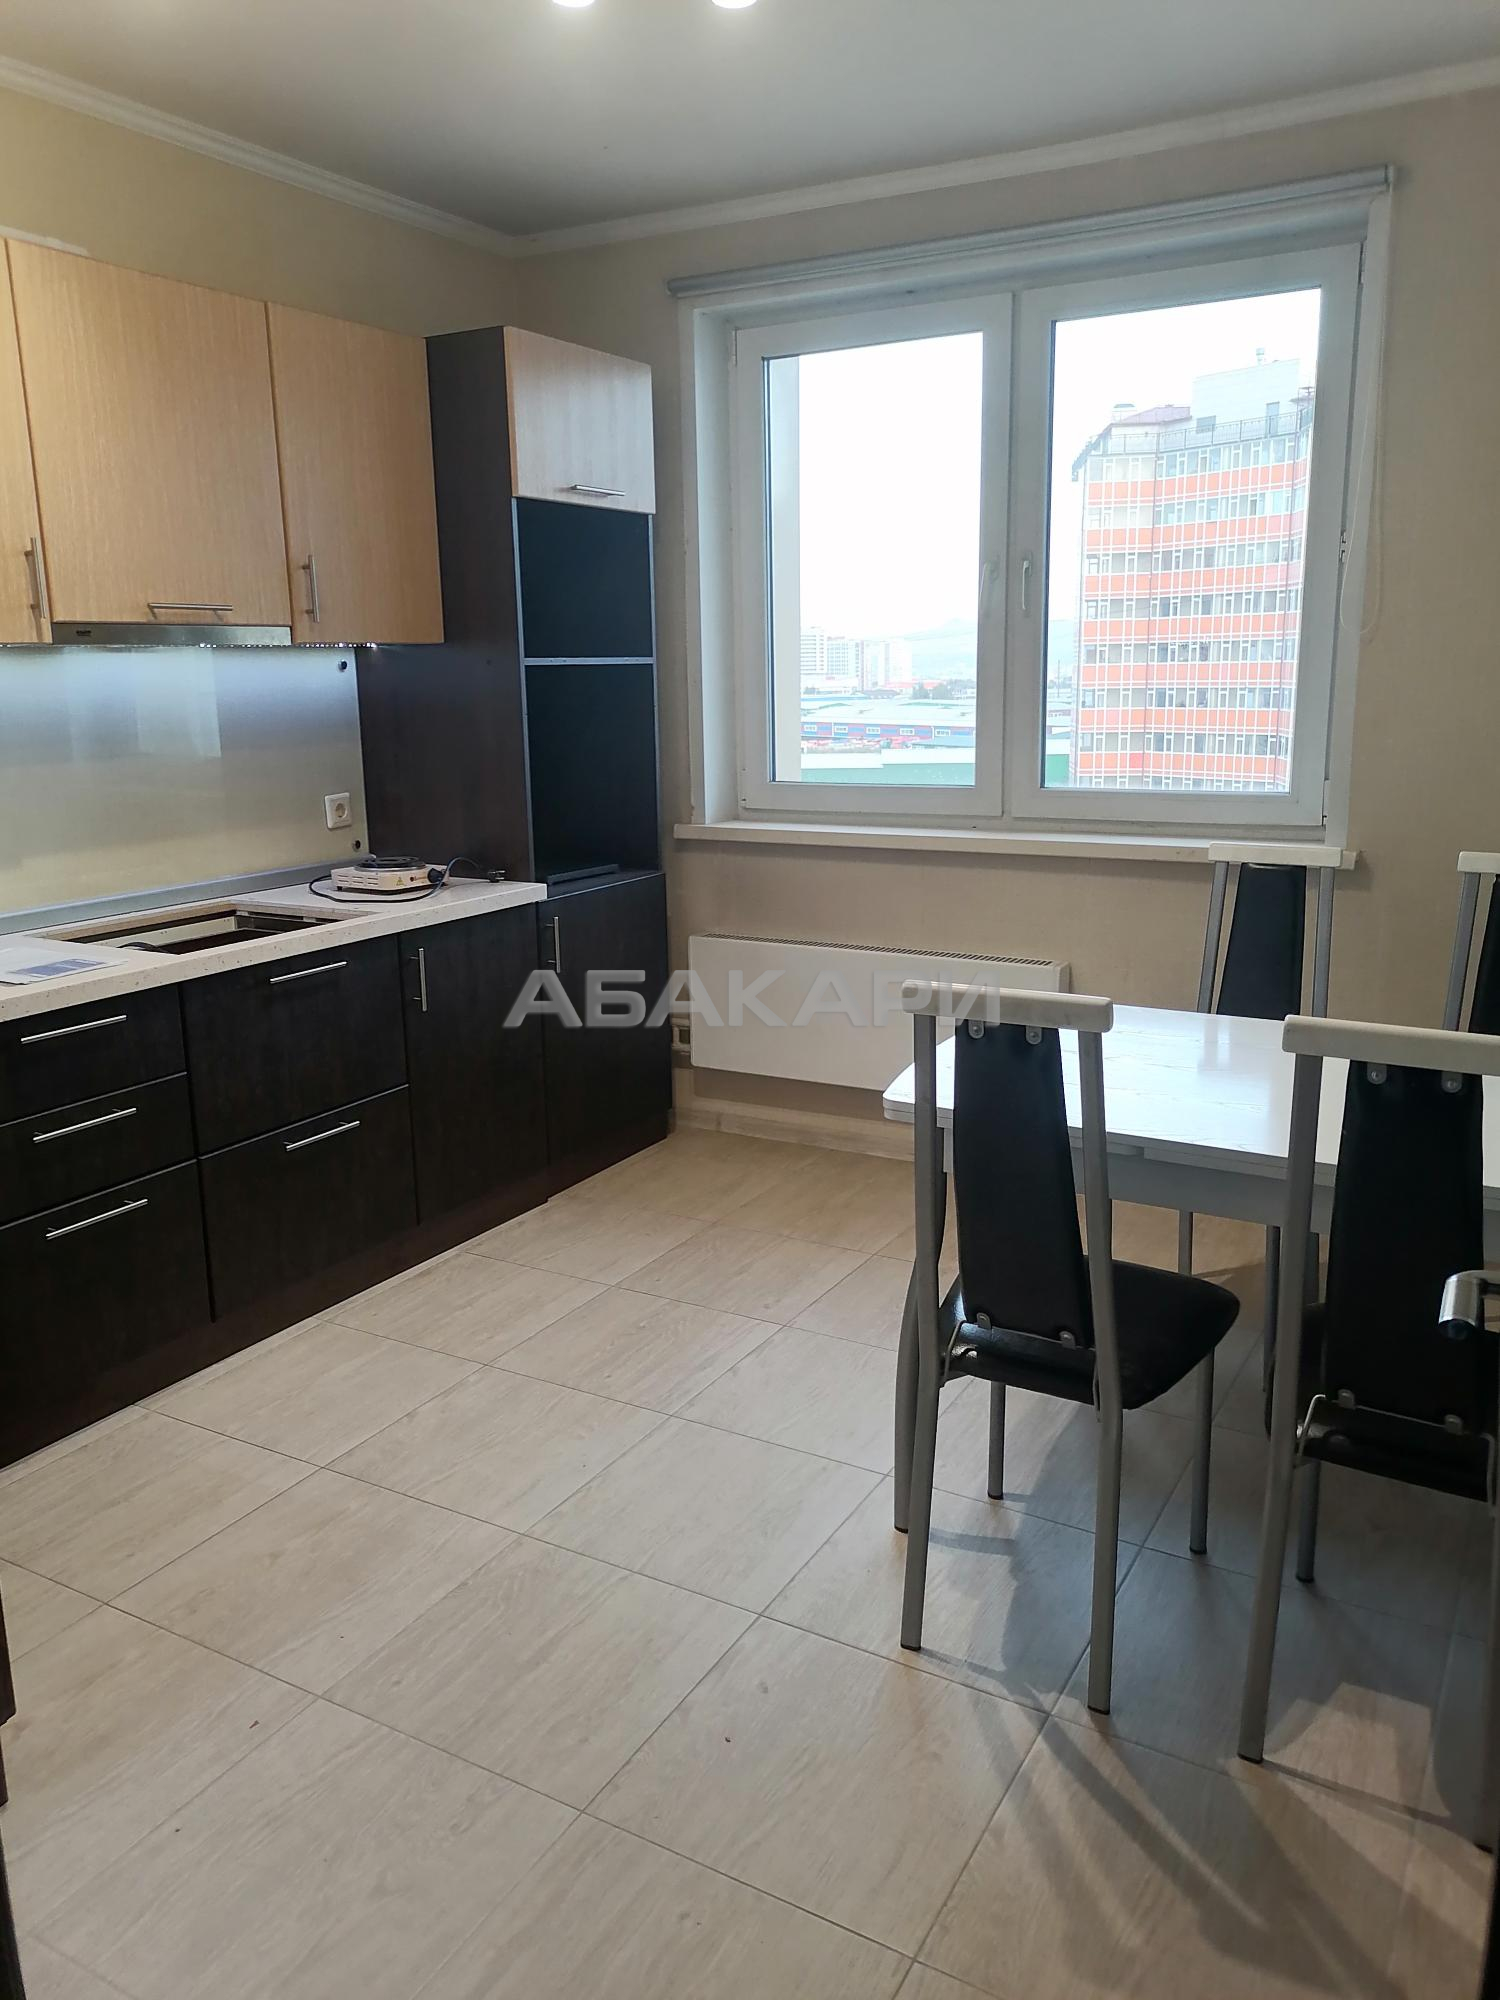 1к квартира Абытаевская улица, 8   17000   аренда в Красноярске фото 4